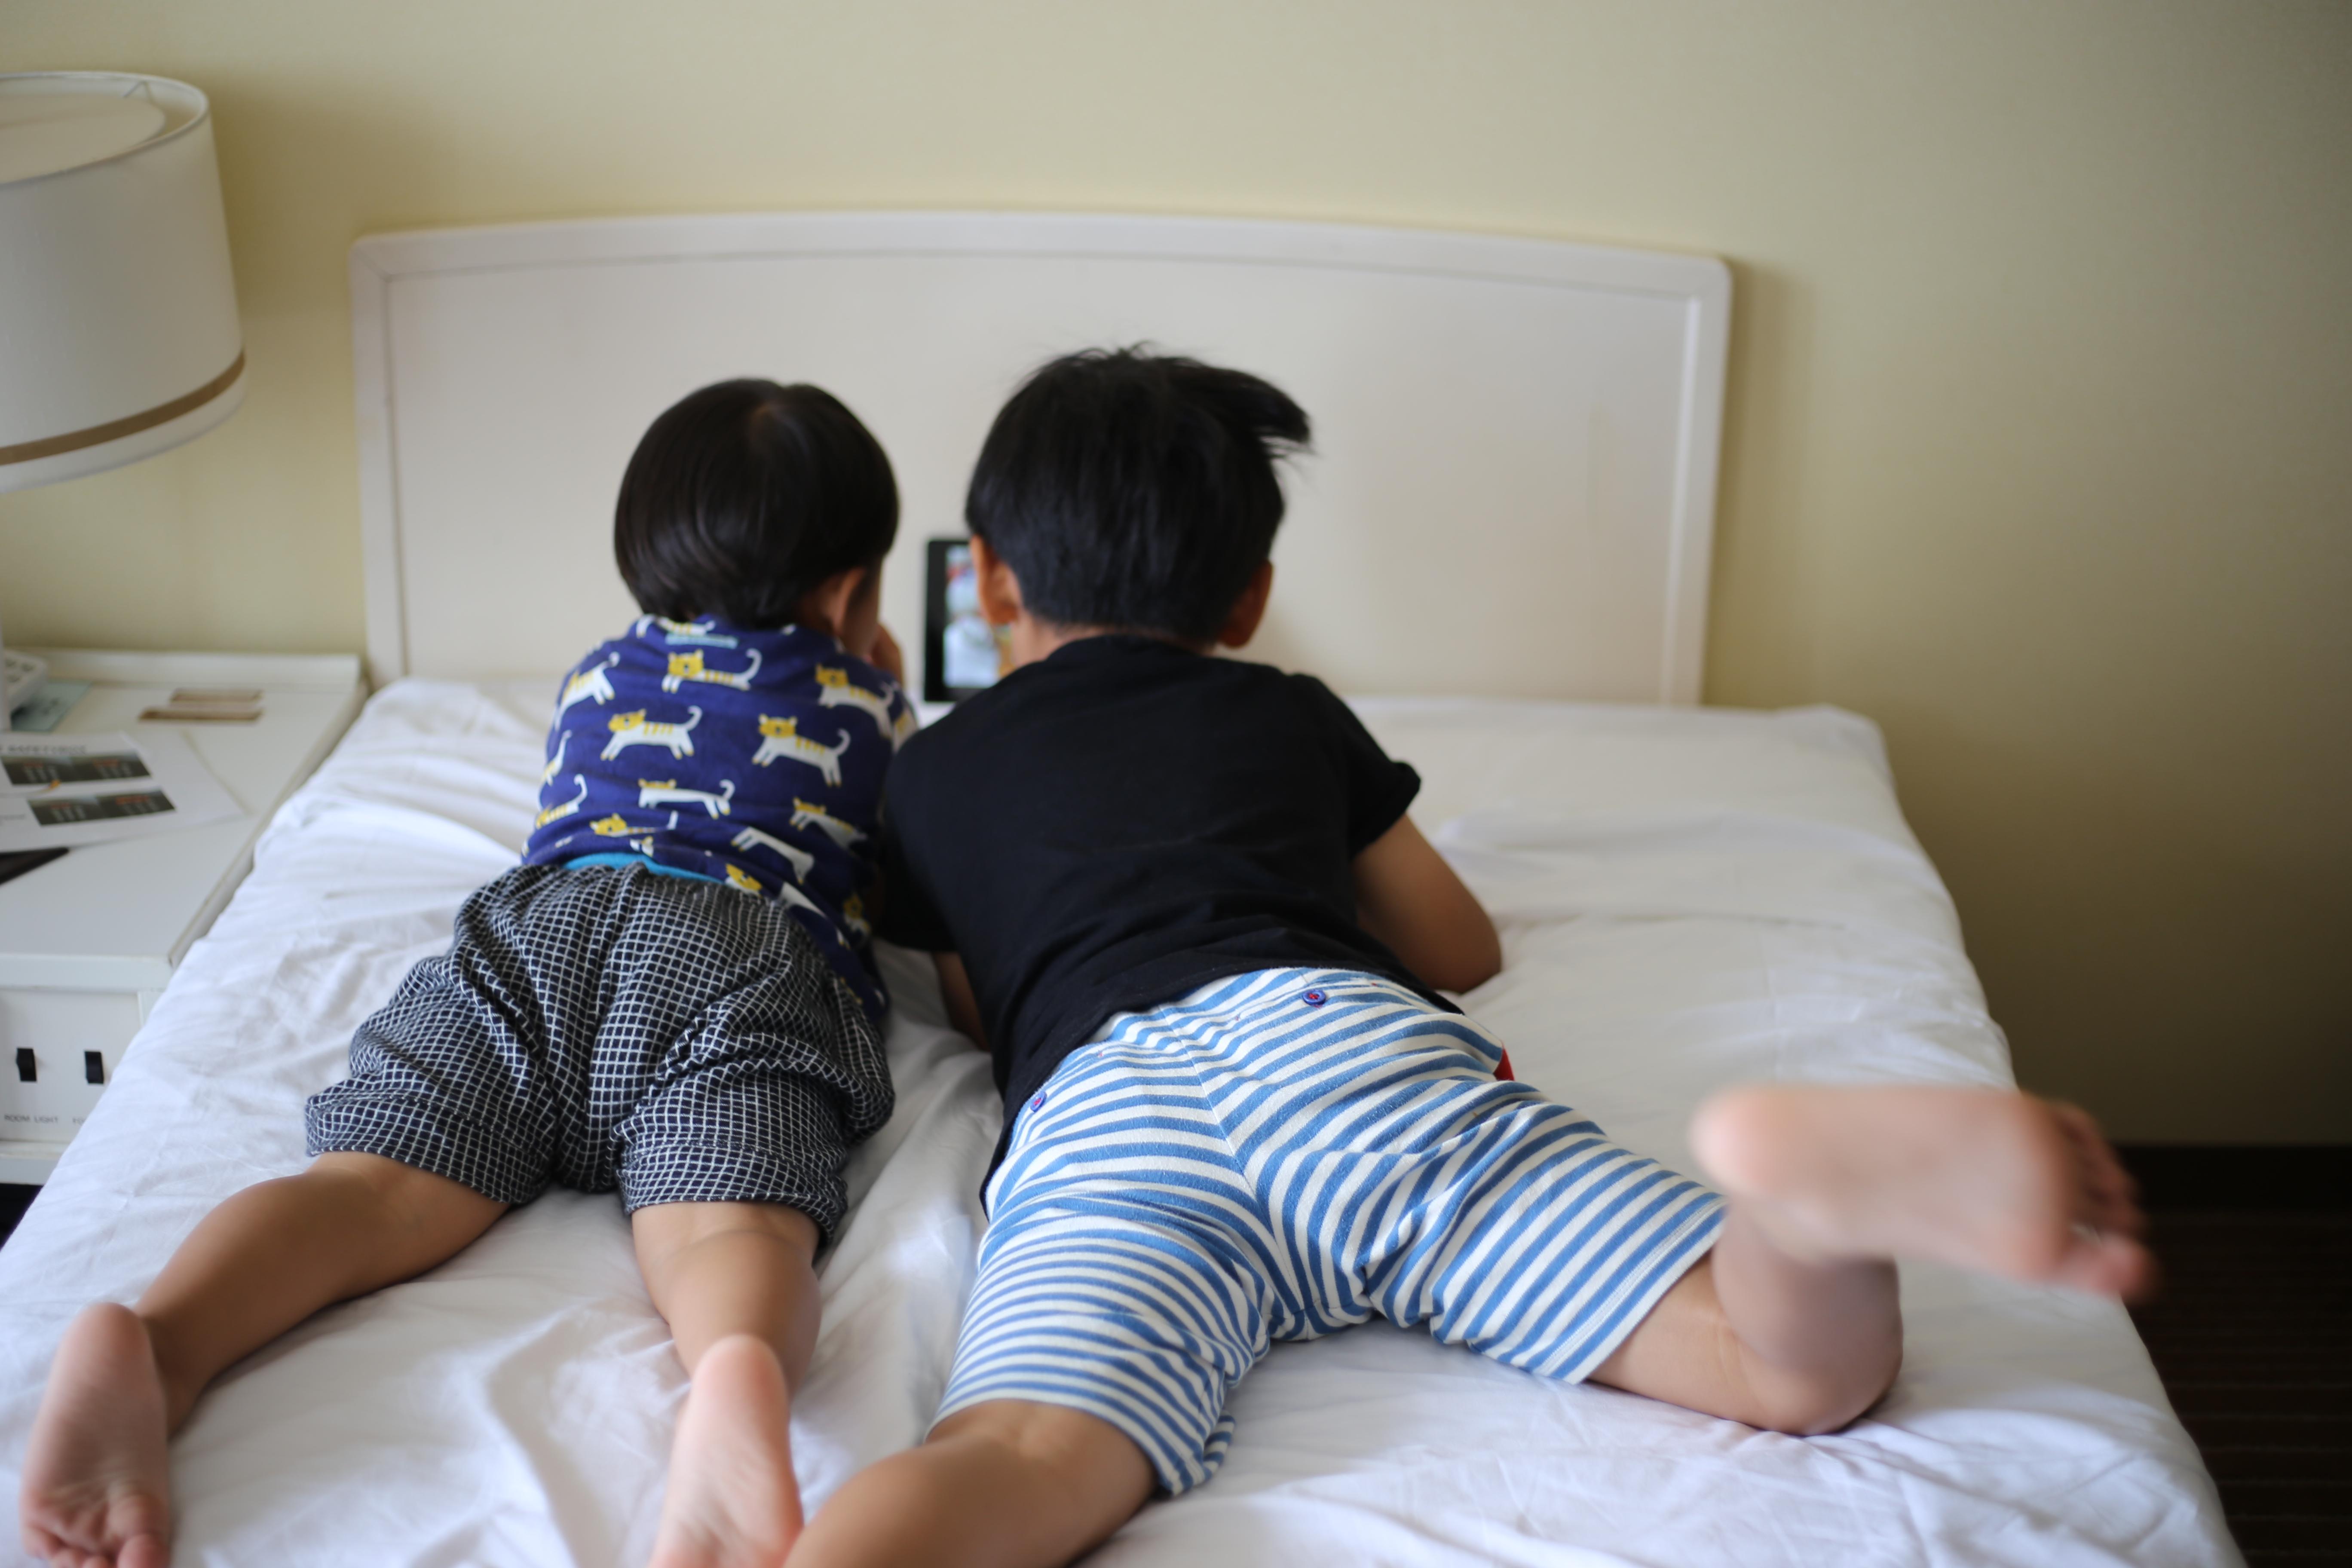 兄弟関係に進展?最近の兄弟ゲンカ事情 6歳&3.5歳